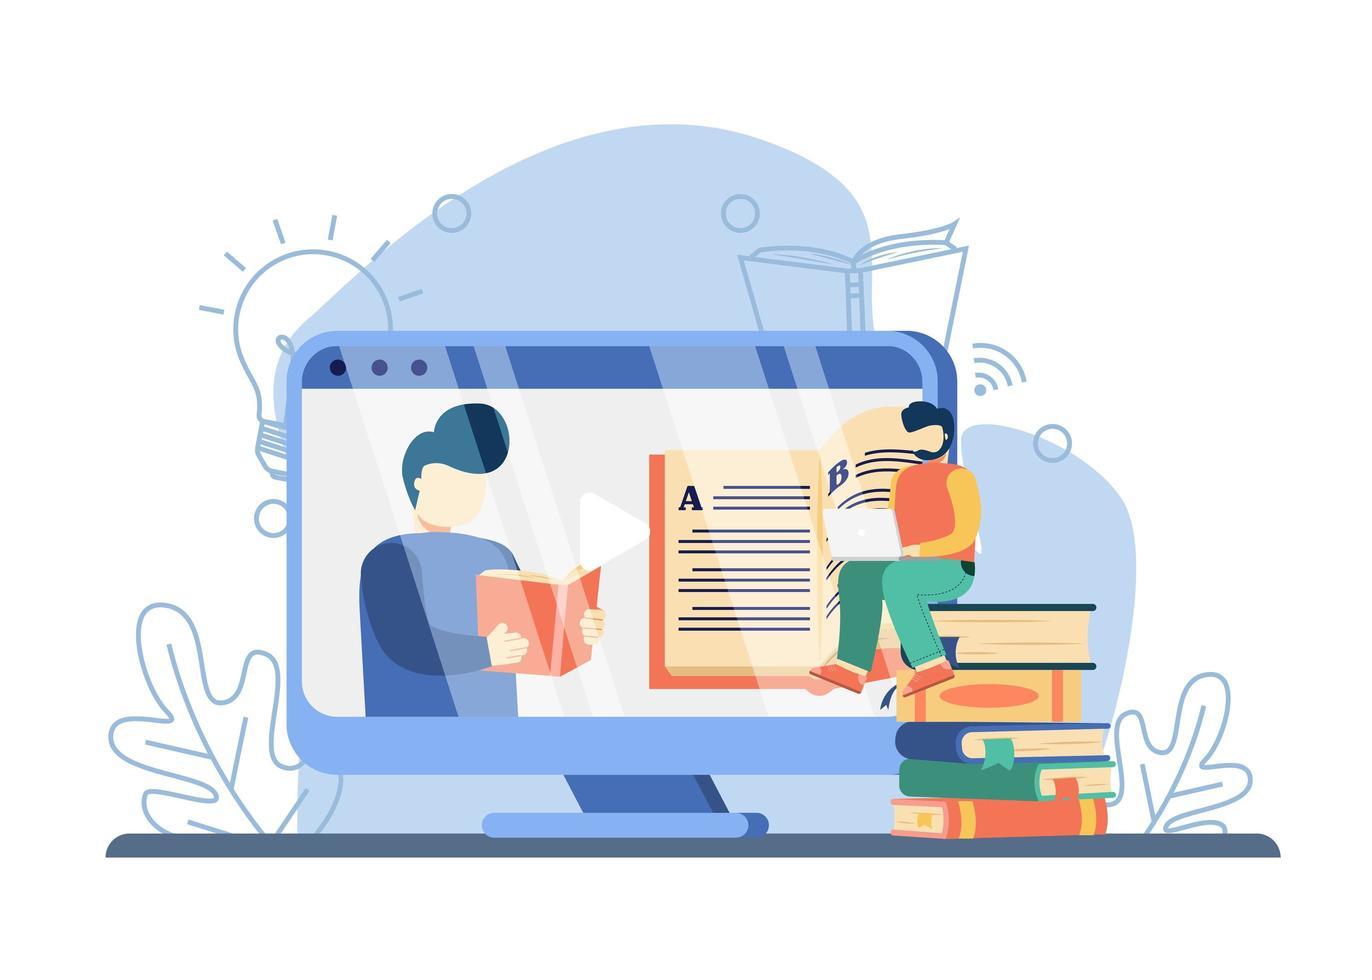 Das Lernkonzept. Mann unterrichtet auf dem Bildschirm mit einem Buch, Mann beobachtet Online-Klasse. Online-Bildung, Heimunterricht, Online-Buch, Fernunterricht und Online-Business-Schule .isolierte Illustration vektor